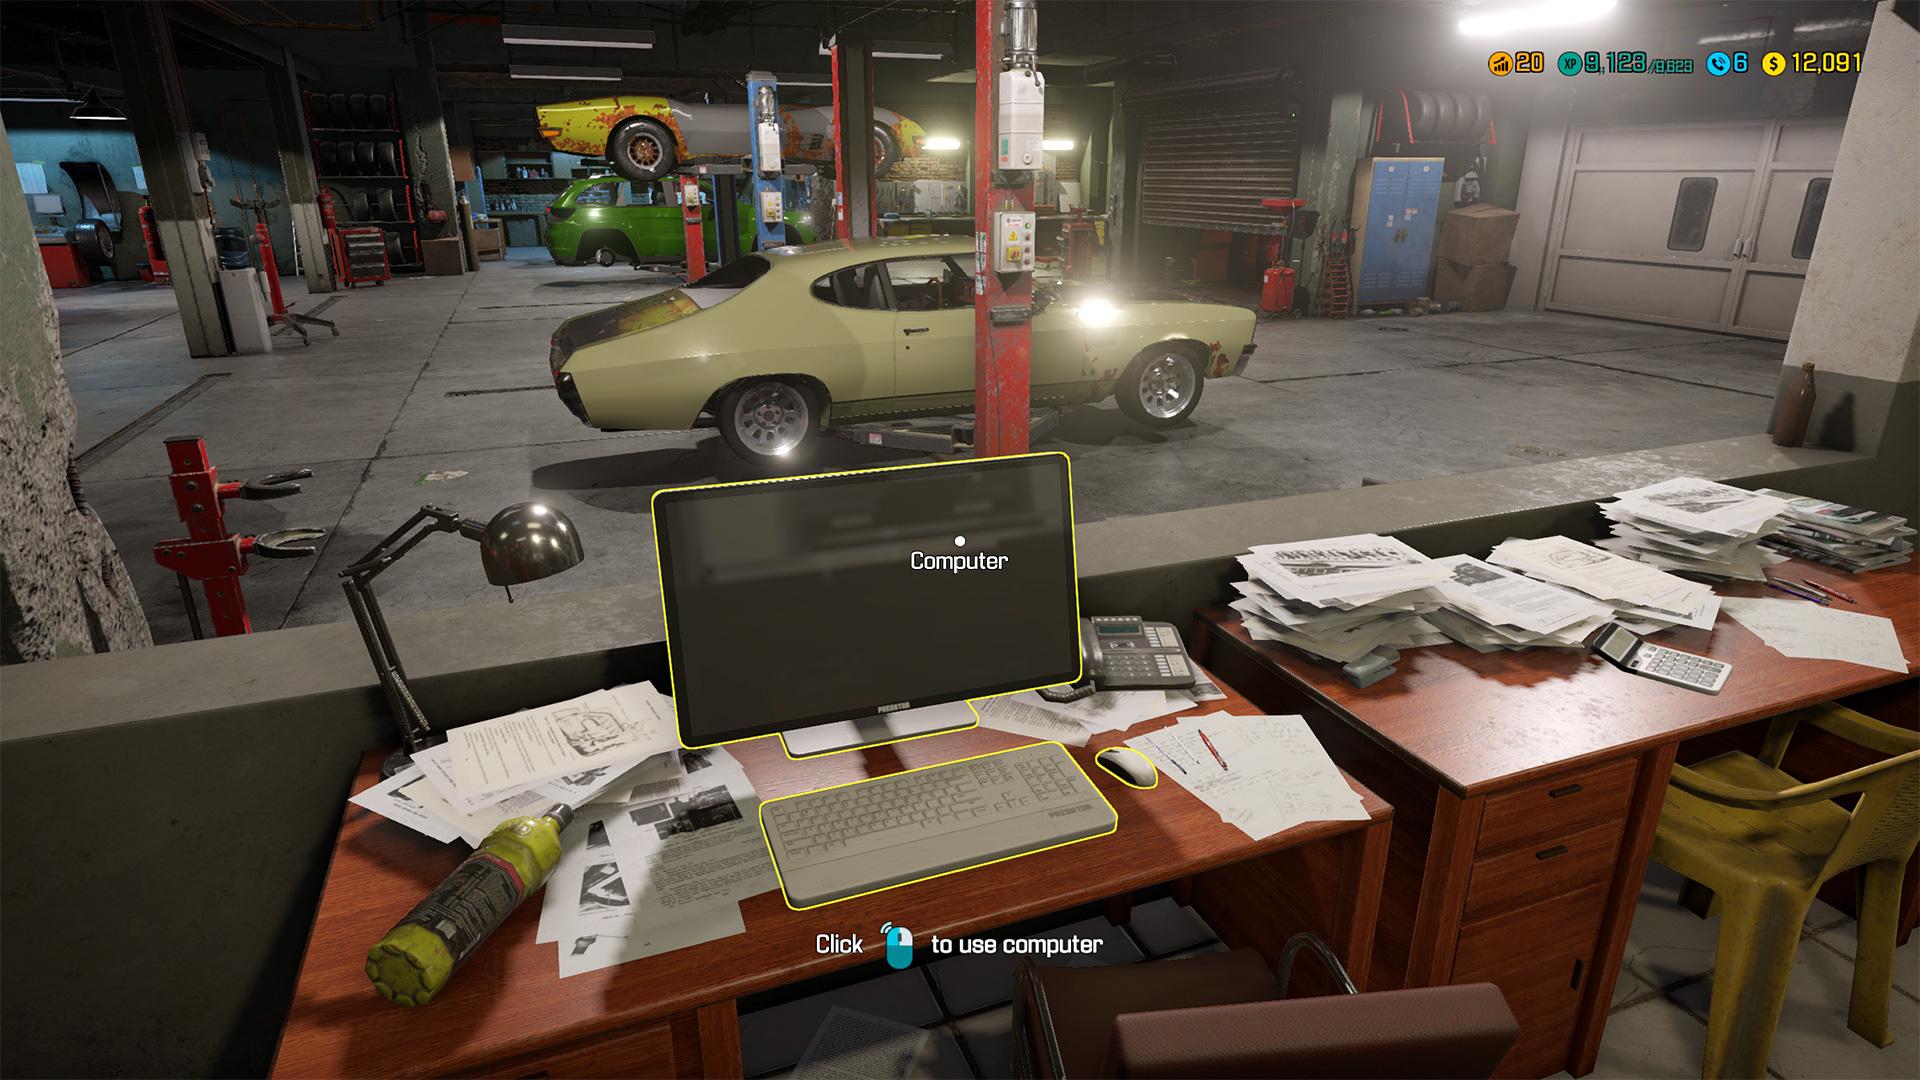 Создатели car mechanic simulator 2018 попросили прощения у игроков.